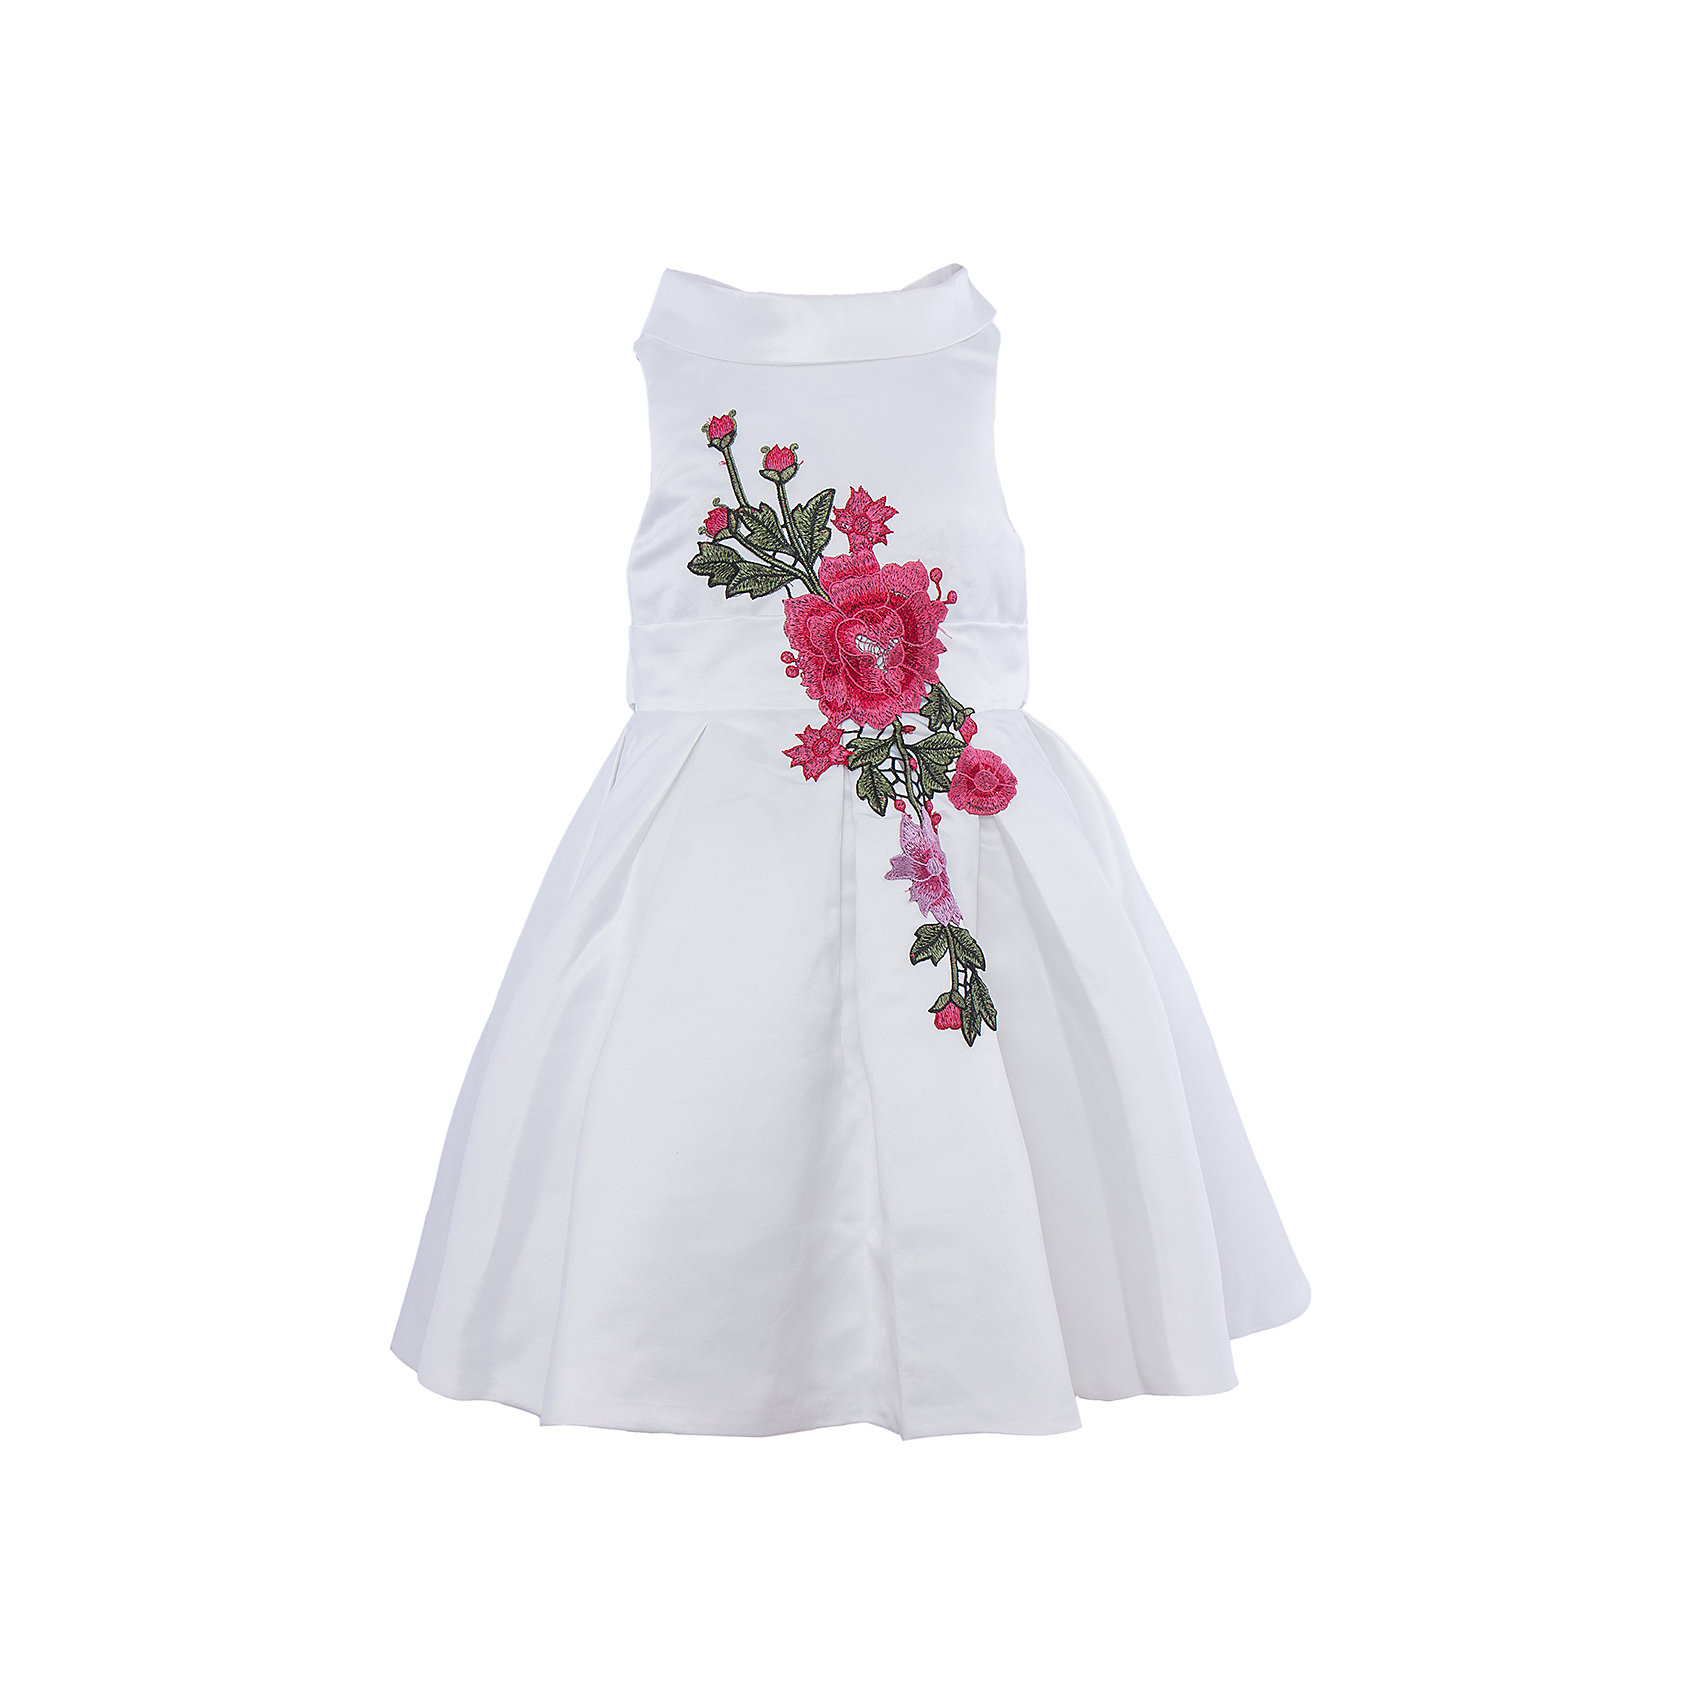 Нарядное платье для девочки Sweet BerryХарактеристики:<br><br>• Вид одежды: платье<br>• Предназначение: для праздника, торжеств<br>• Сезон: круглый год<br>• Материал: верх – 100% полиэстер; подкладка – 100% хлопок<br>• Цвет: белый<br>• Силуэт: классический А-силуэт<br>• Длина платья: миди<br>• Вырез горловины: круглый<br>• Воротник: хомут мягкий<br>• Наличие втачного пояса с декоративным бантом<br>• Застежка: молния на спинке<br>• Платье декорировано вышивкой<br>• Особенности ухода: ручная стирка без применения отбеливающих средств, глажение при низкой температуре <br><br>Sweet Berry – это производитель, который сочетает в своей одежде функциональность, качество, стиль и следование современным мировым тенденциям в детской текстильной индустрии. <br>Платье для девочки от знаменитого производителя детской одежды Sweet Berry выполнено из полиэстера с хлопковой подкладкой. Изделие имеет классический силуэт с отрезной талией и пышной юбкой. Пышность юбке придает подъюбник из сетки. Изделие выполнено из атласной ткани белого цвета с воротником в форме мягкого хомута. Кокетка и юбка декорированы разноцветной вышивкой в форме крупных цветков. У платья имеется втачной пояс, который завязывается сзади на бант. Праздничное платье от Sweet Berry – это залог успеха вашего ребенка на любом торжестве!<br><br>Платье для девочки Sweet Berry можно купить в нашем интернет-магазине.<br><br>Ширина мм: 236<br>Глубина мм: 16<br>Высота мм: 184<br>Вес г: 177<br>Цвет: белый<br>Возраст от месяцев: 36<br>Возраст до месяцев: 48<br>Пол: Женский<br>Возраст: Детский<br>Размер: 104,98,110,116,122,128<br>SKU: 5052112